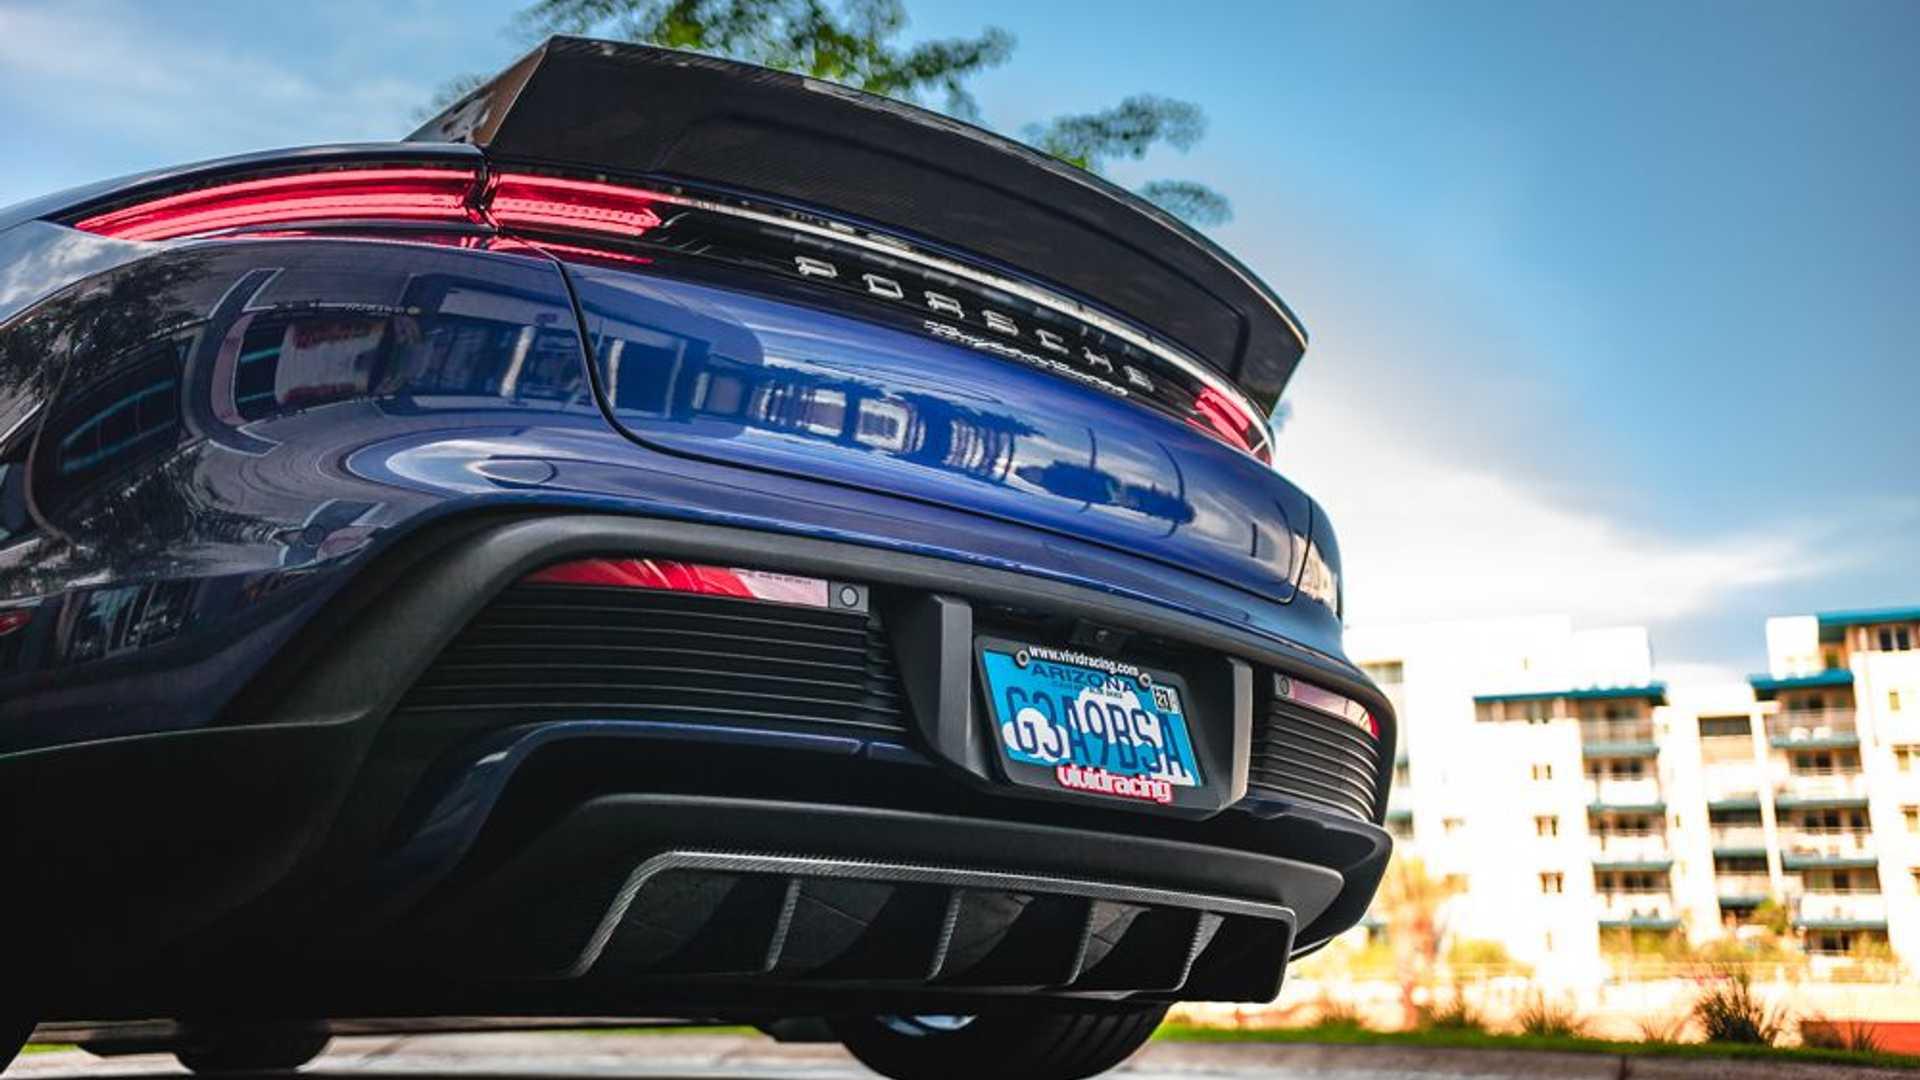 Porsche-Taycan-by-Vivid-Racing-45